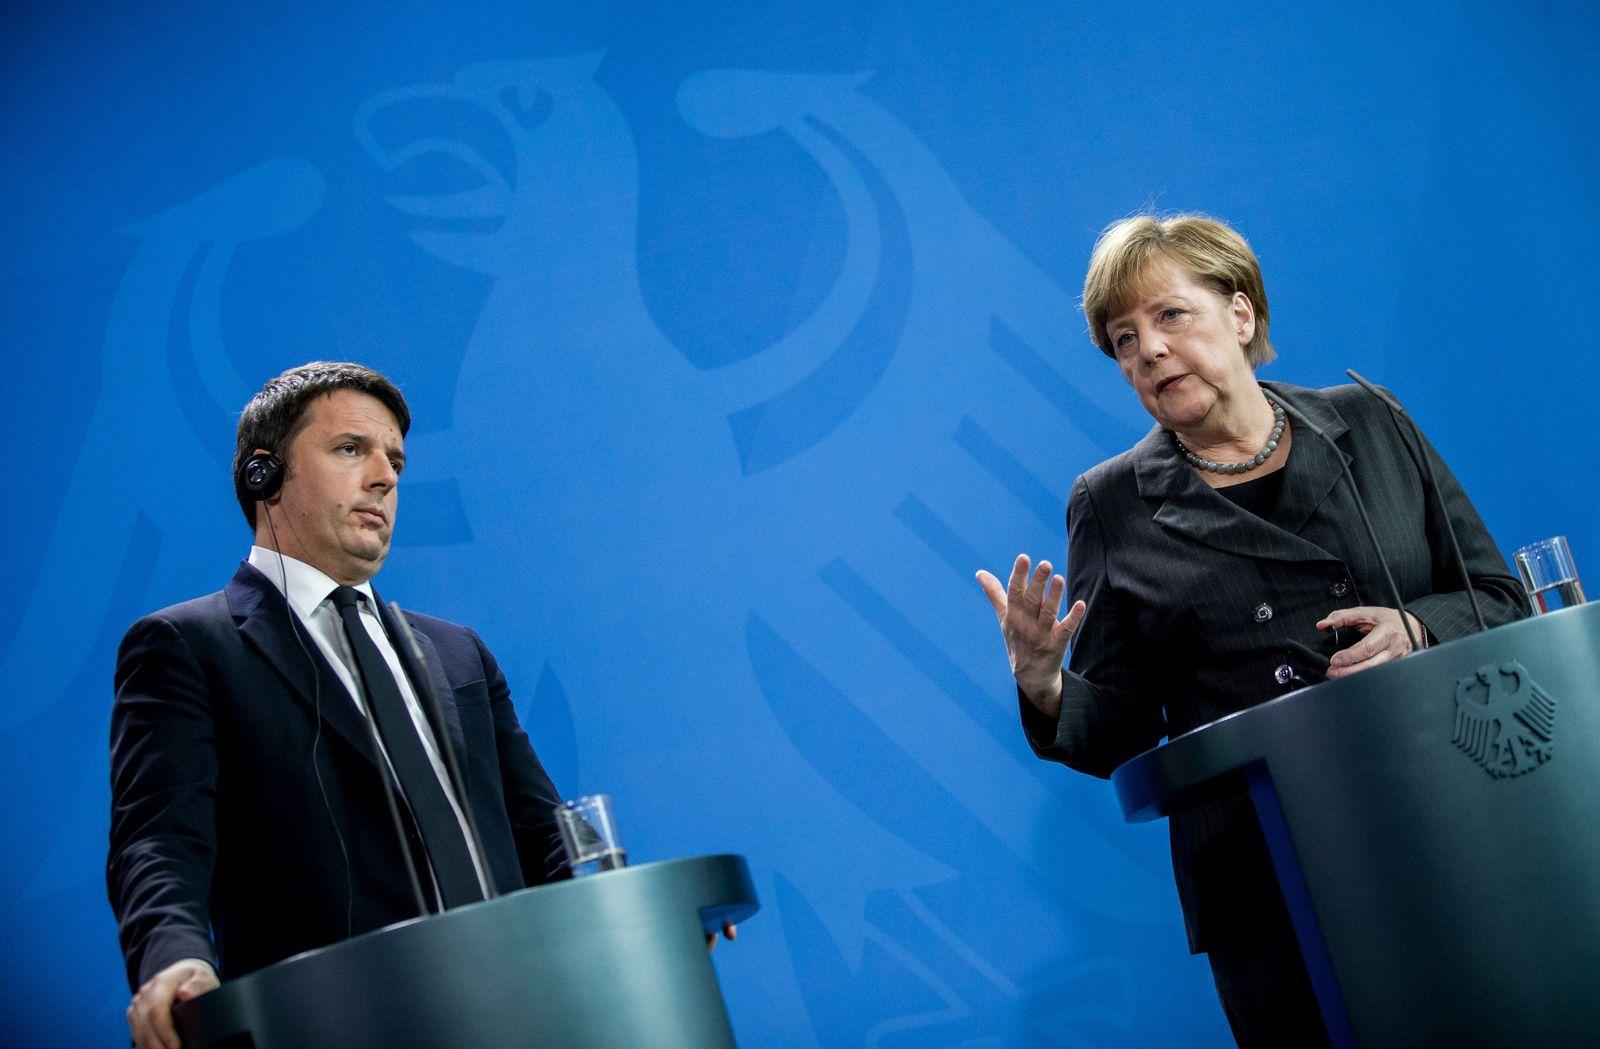 Matteo Renzi / Angela Merkel